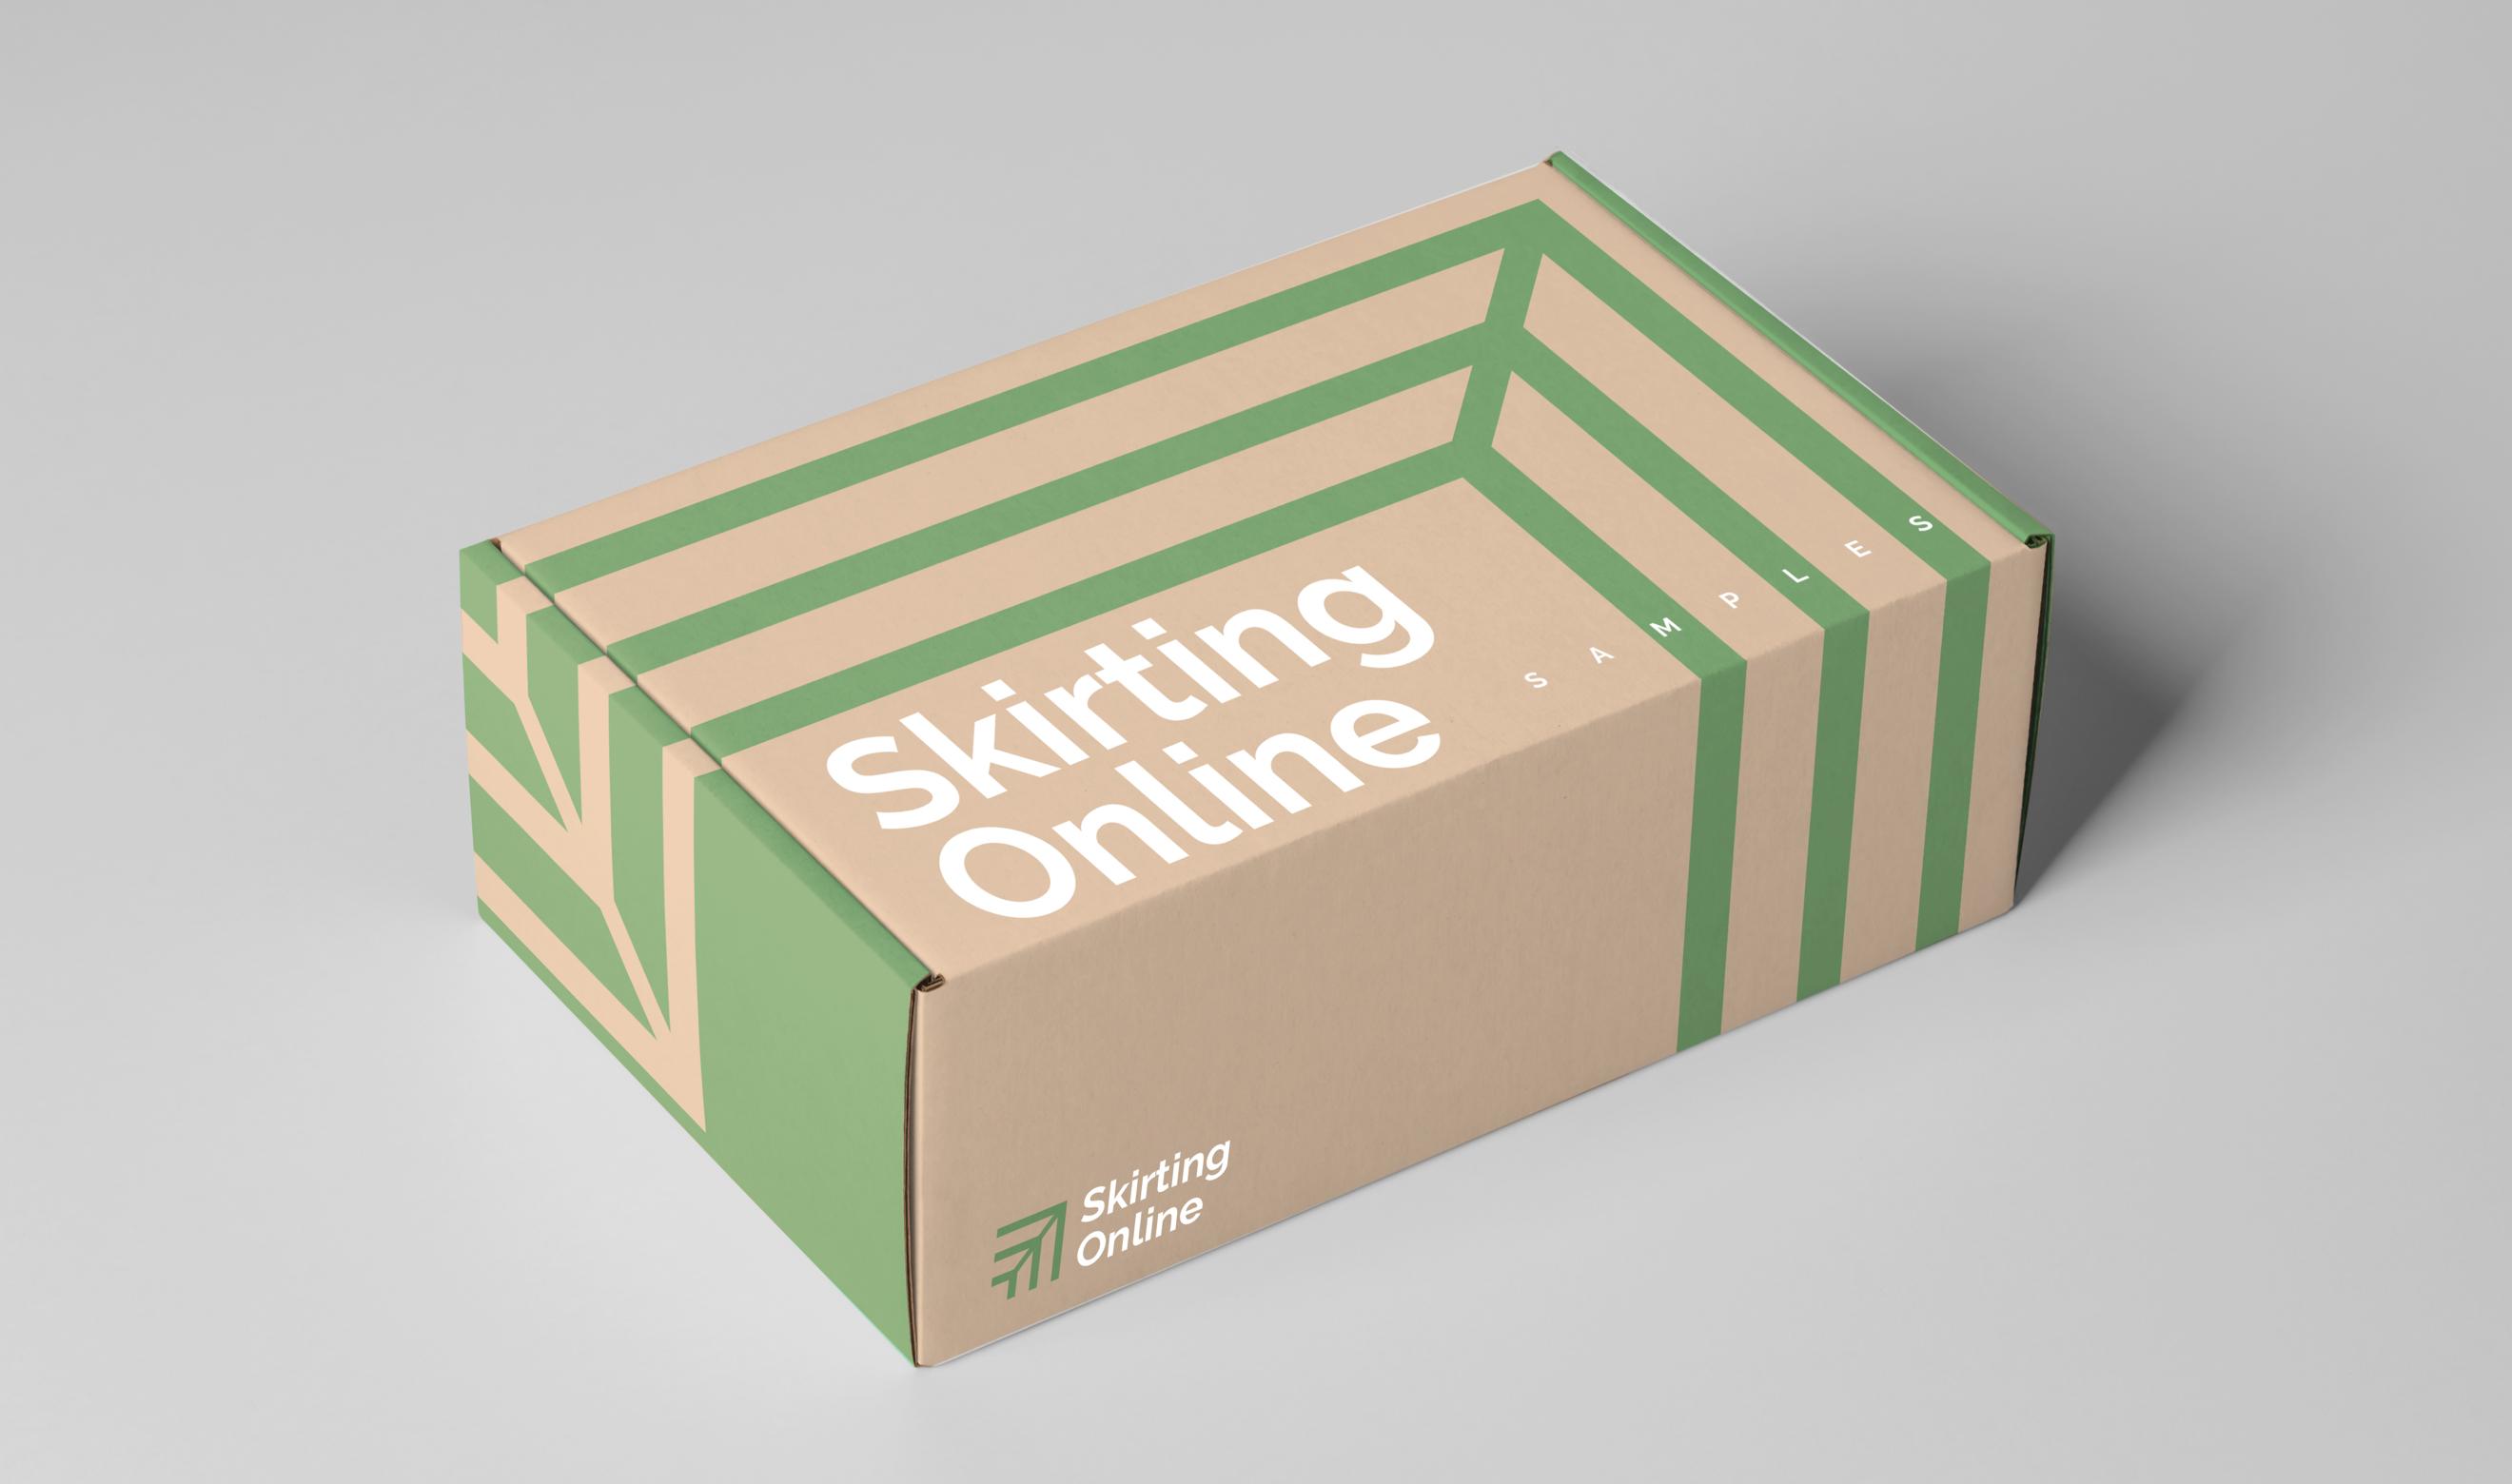 Skirting Online Branding